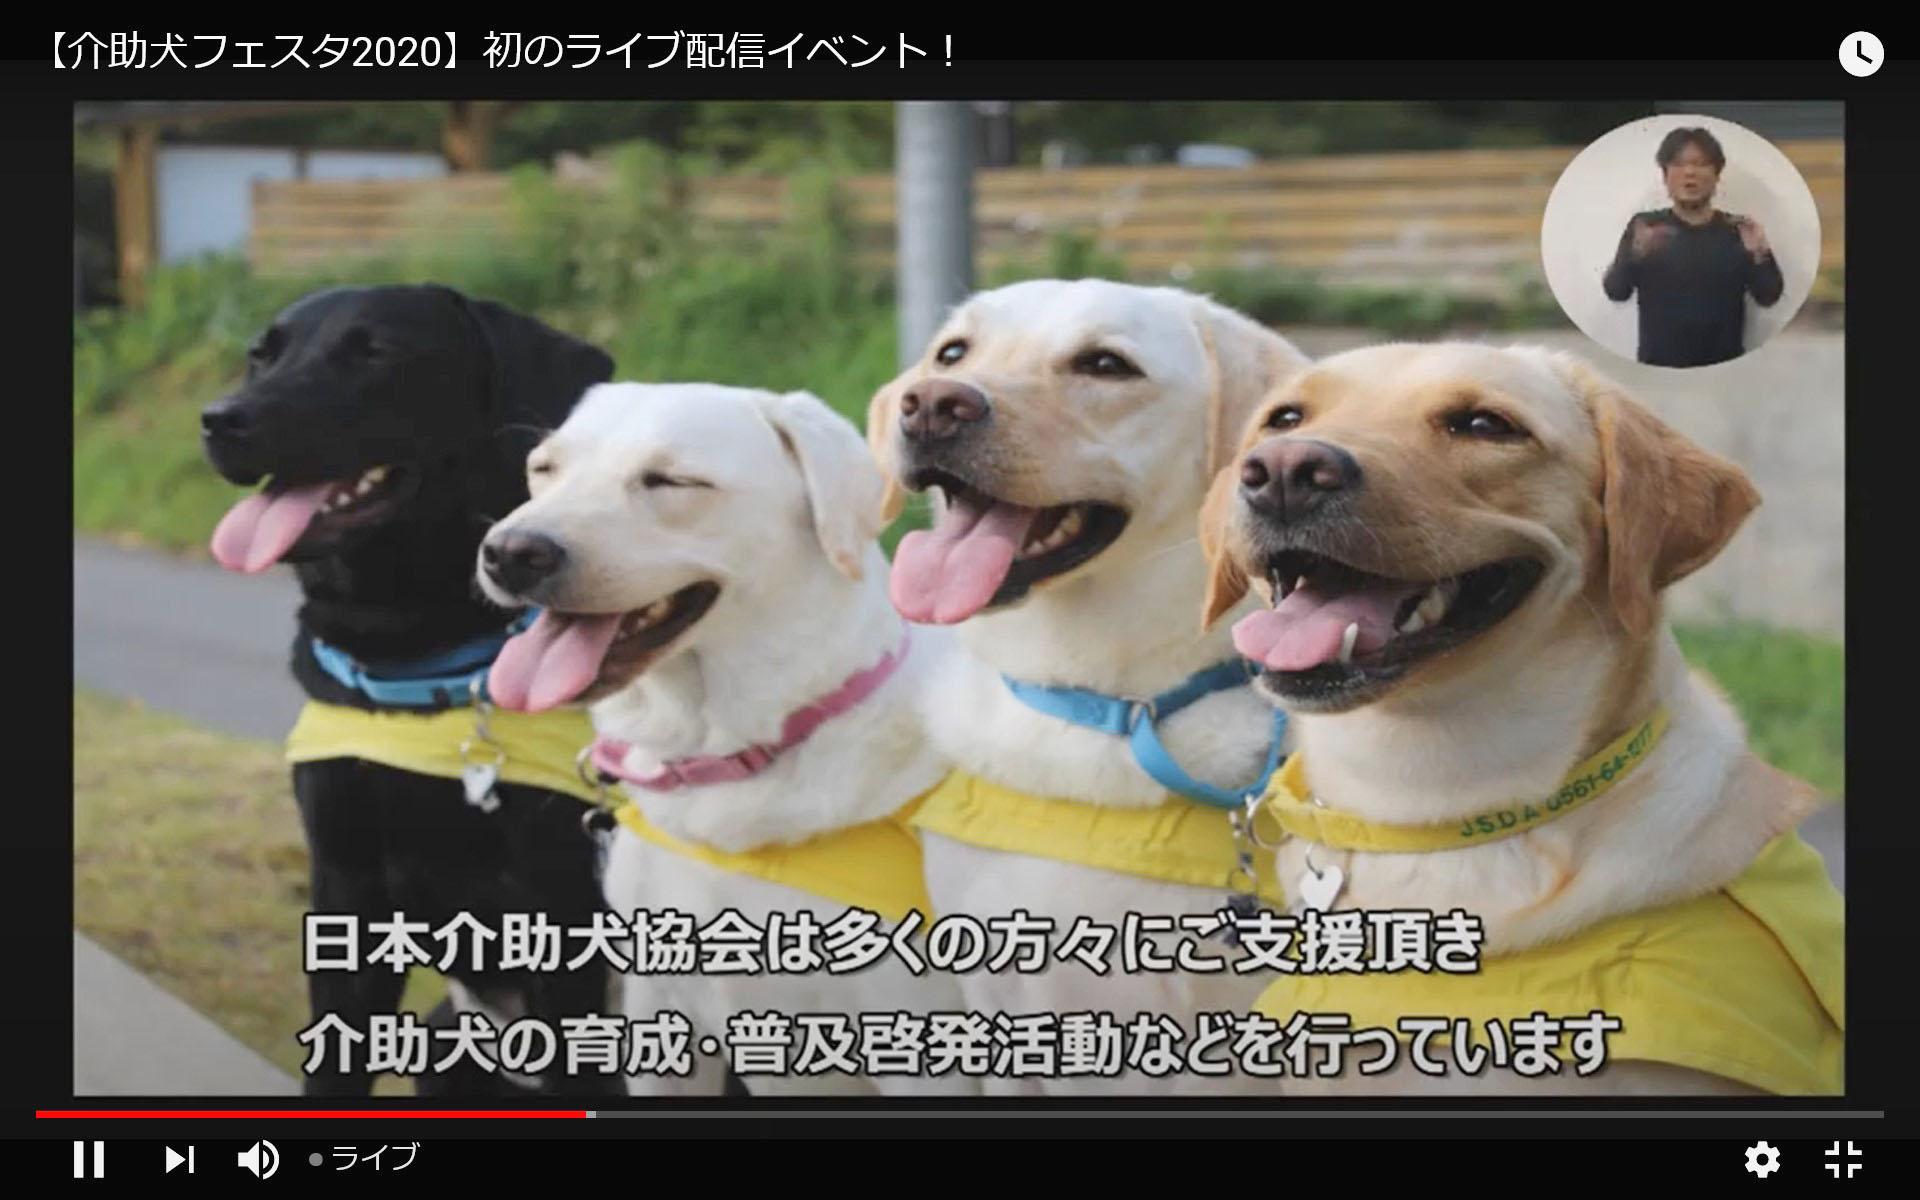 初のオンライン開催となった「介助犬フェスタ」の配信動画の一場面(ユーチューブから)